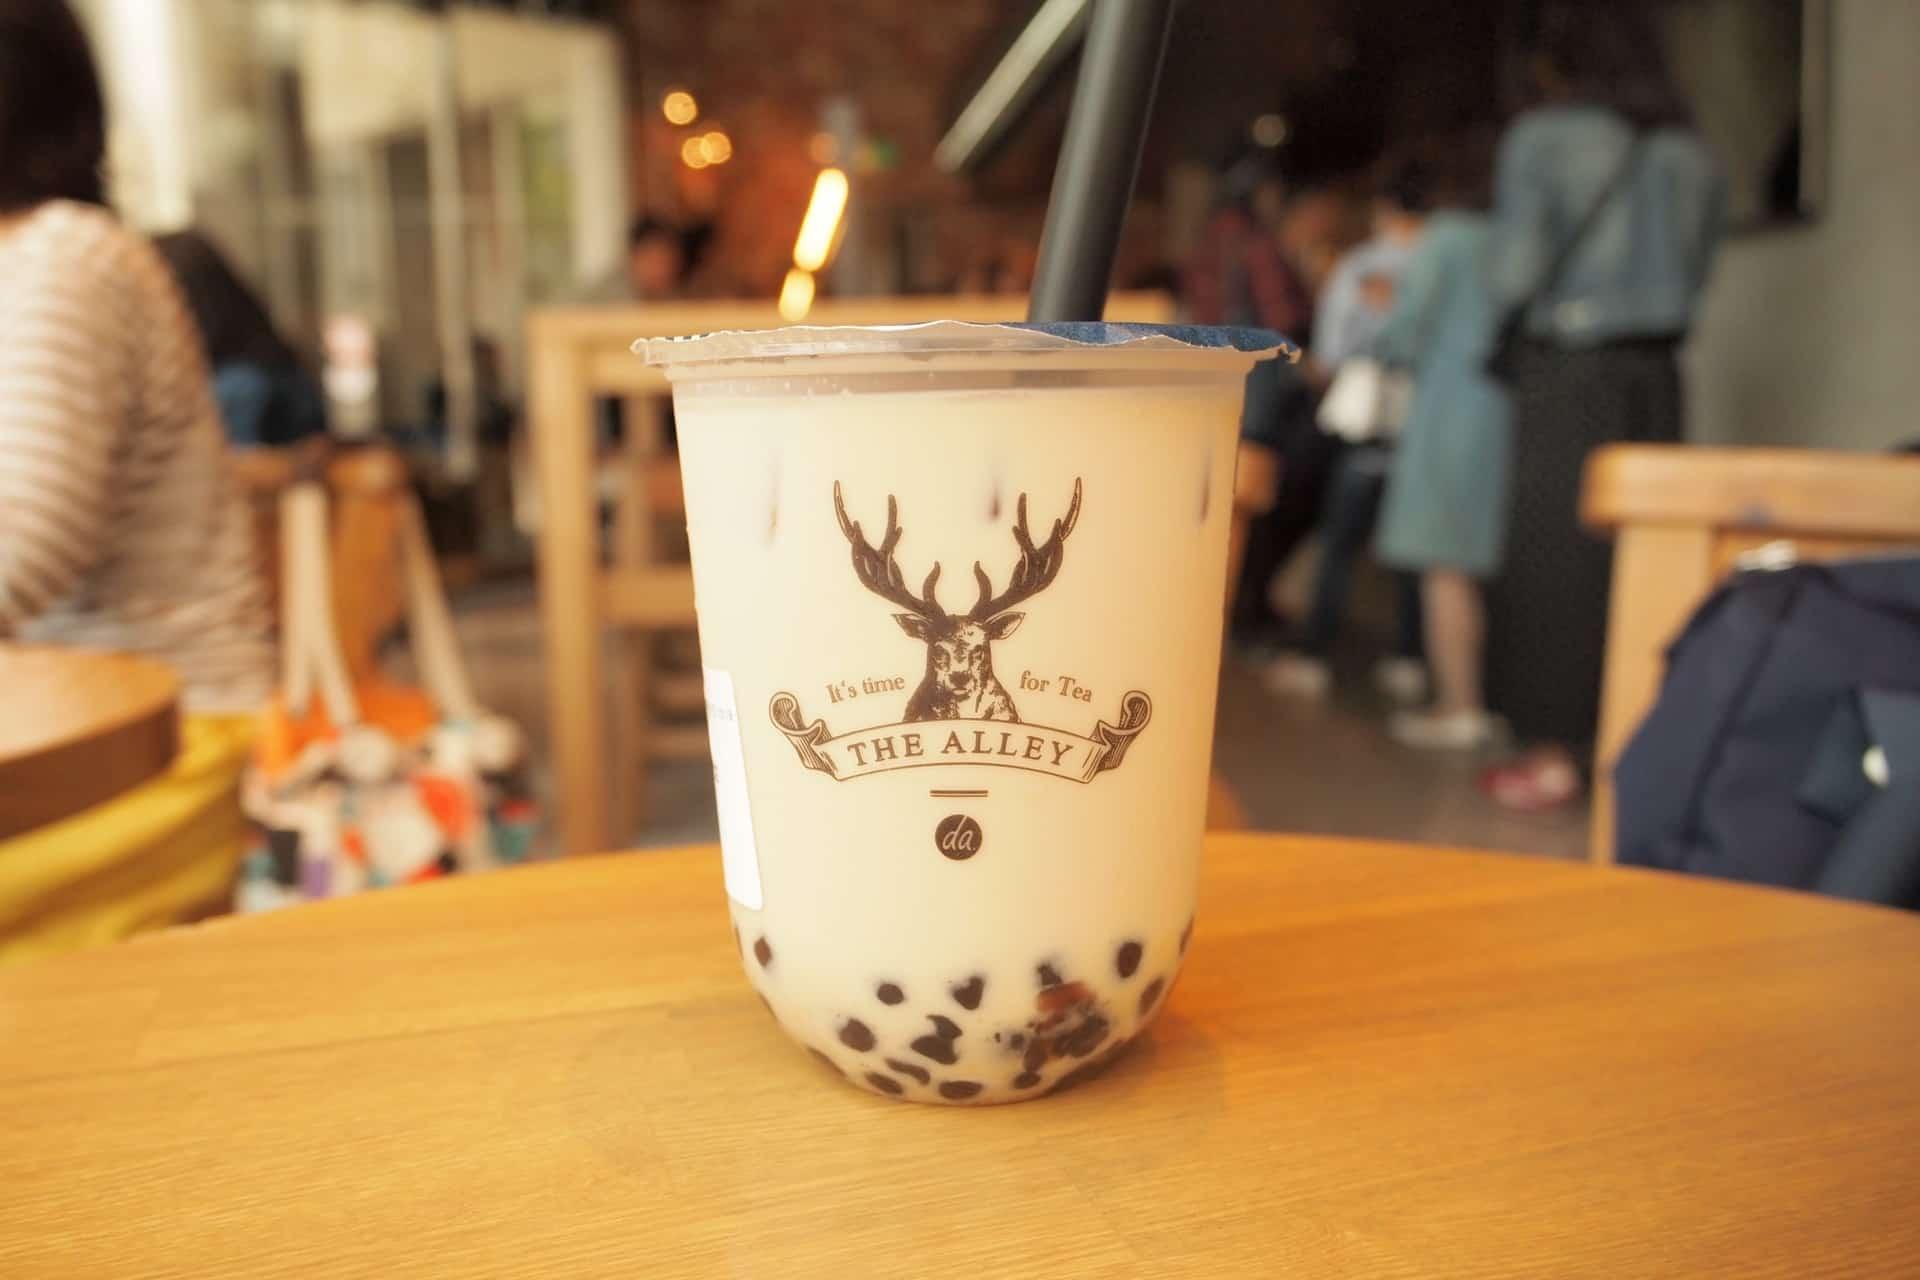 THE ALLEY(ジアレイ)神戸三宮店 − タピオカで外せないお店。並ぶ価値のある本格的な味わい